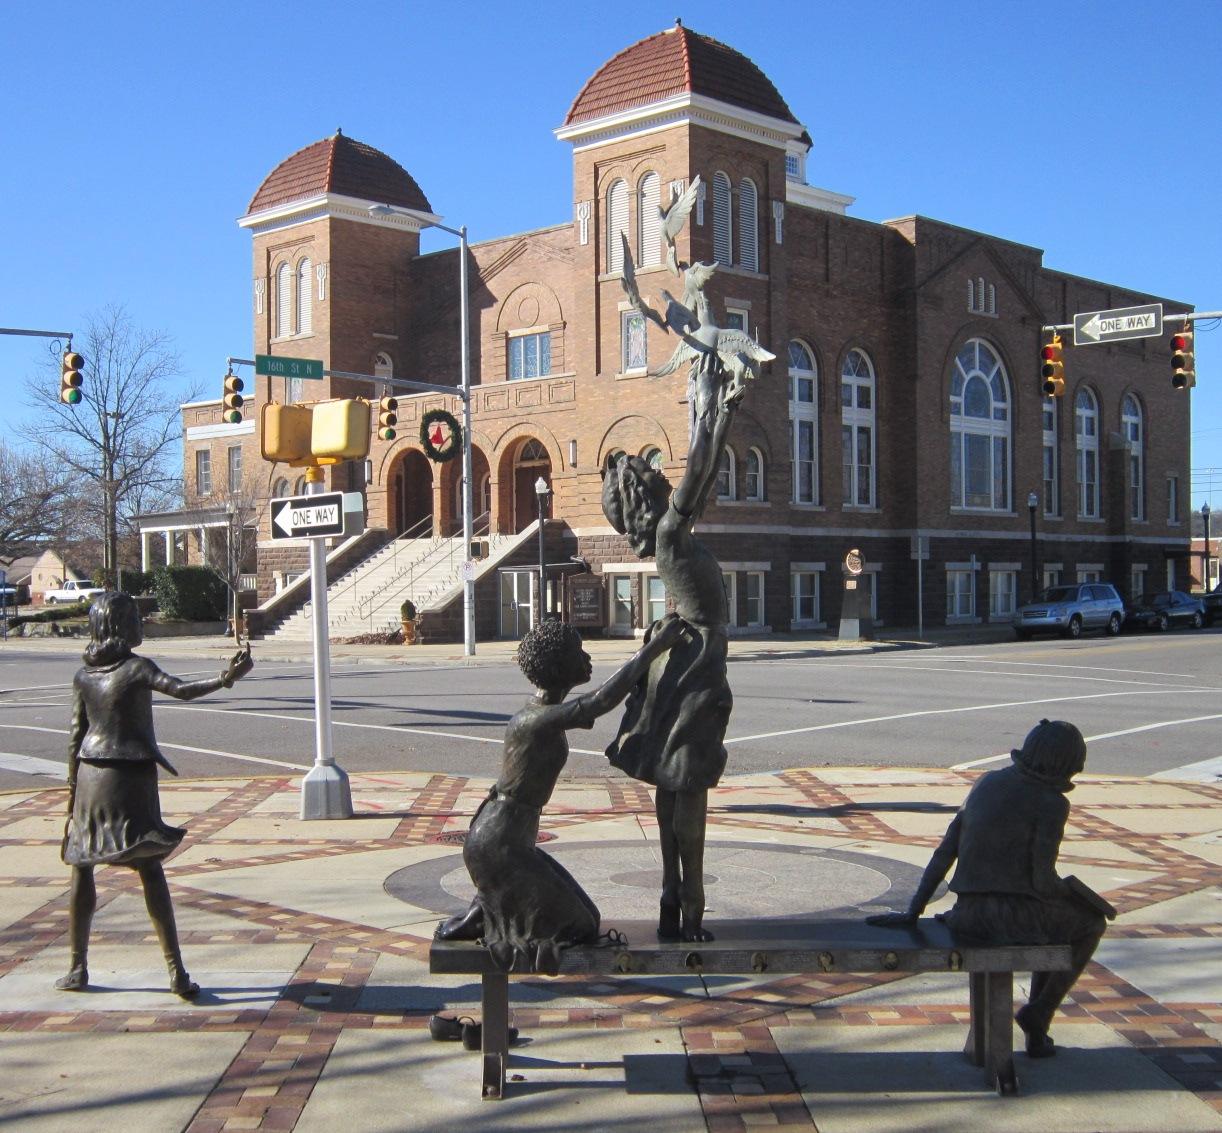 Sixteenth Street Baptist Church With Sculpture.JPG